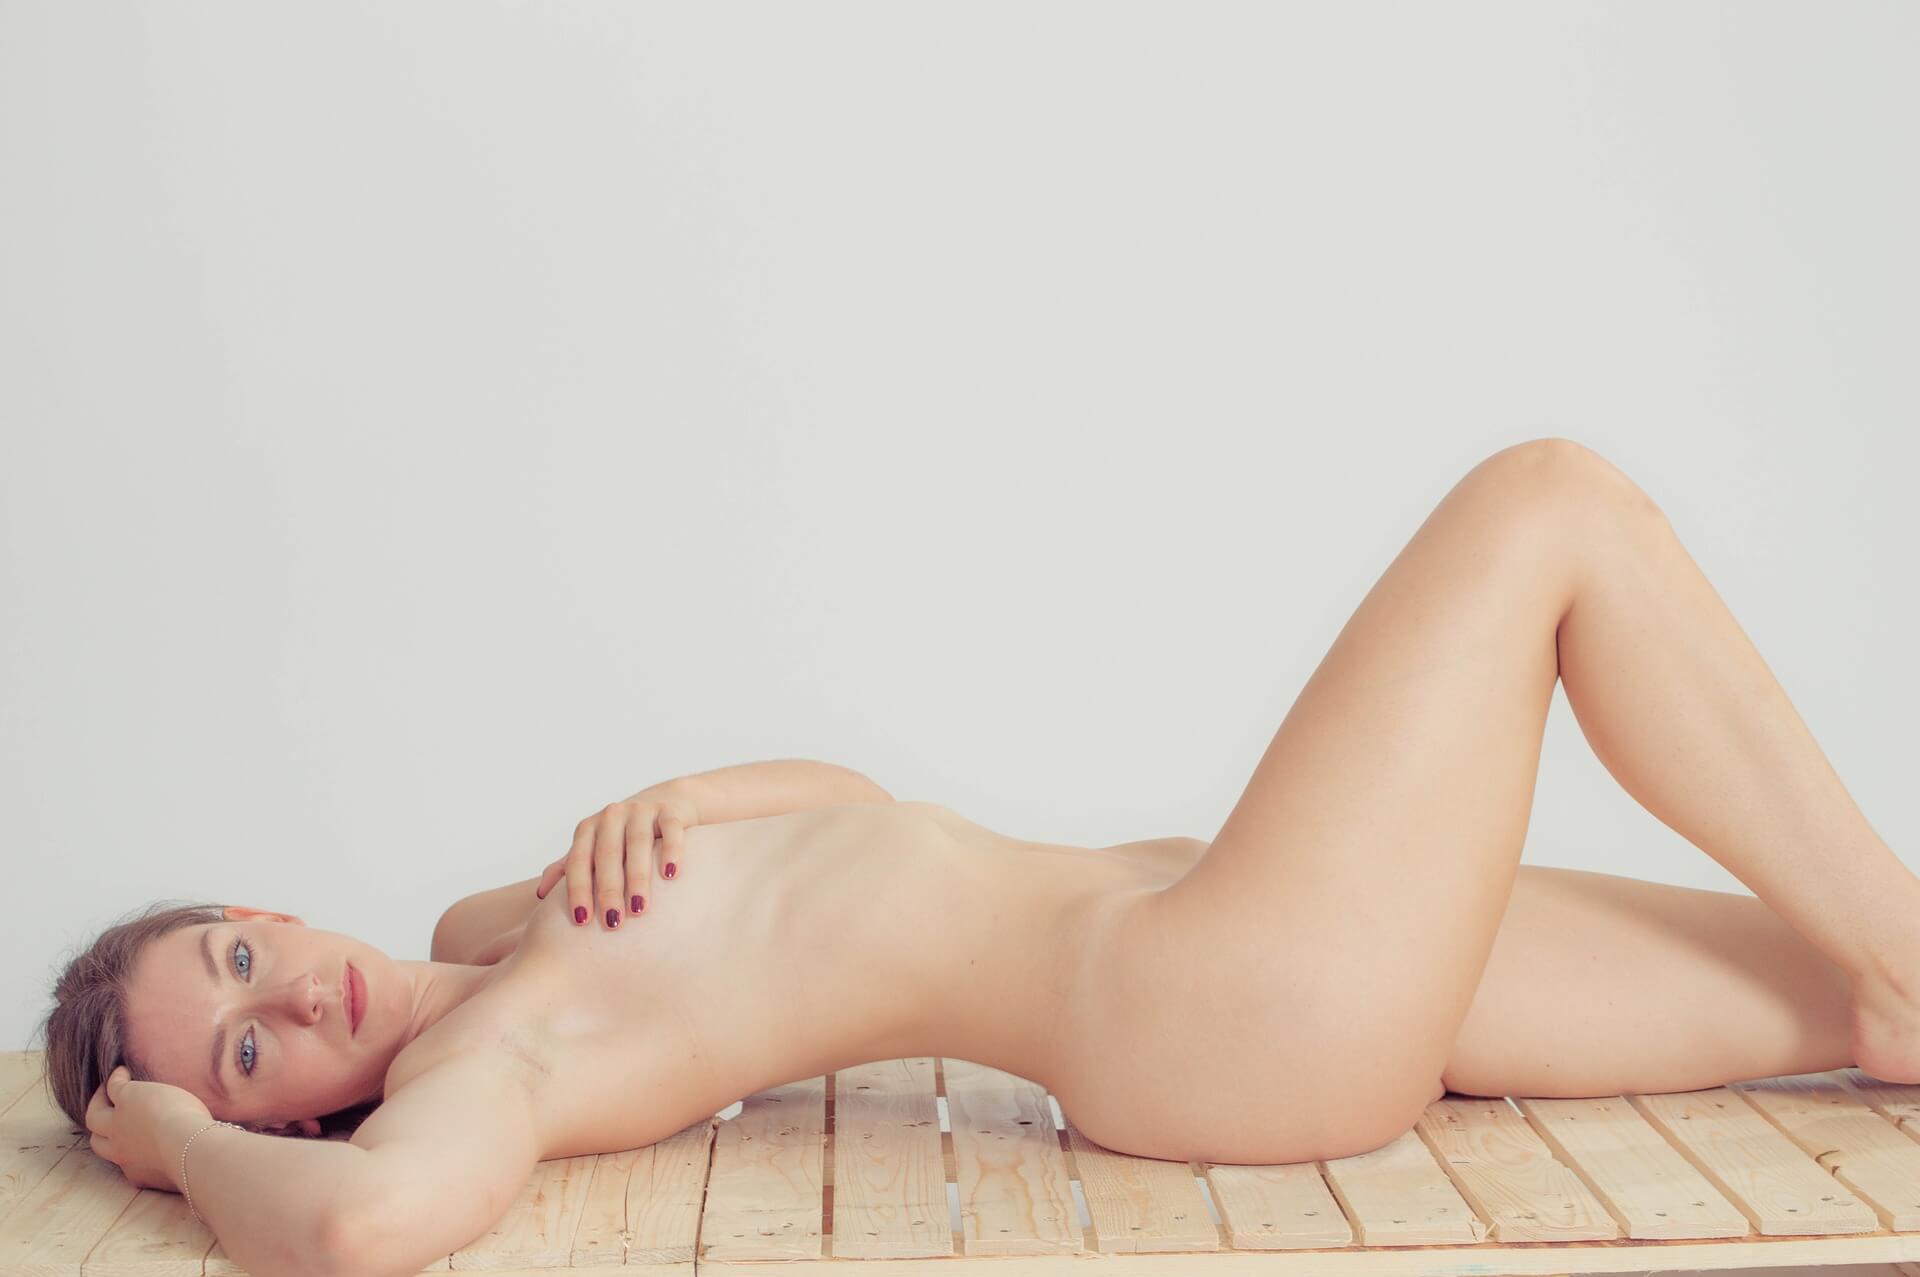 Pornodarstellerin werden MILF nackt